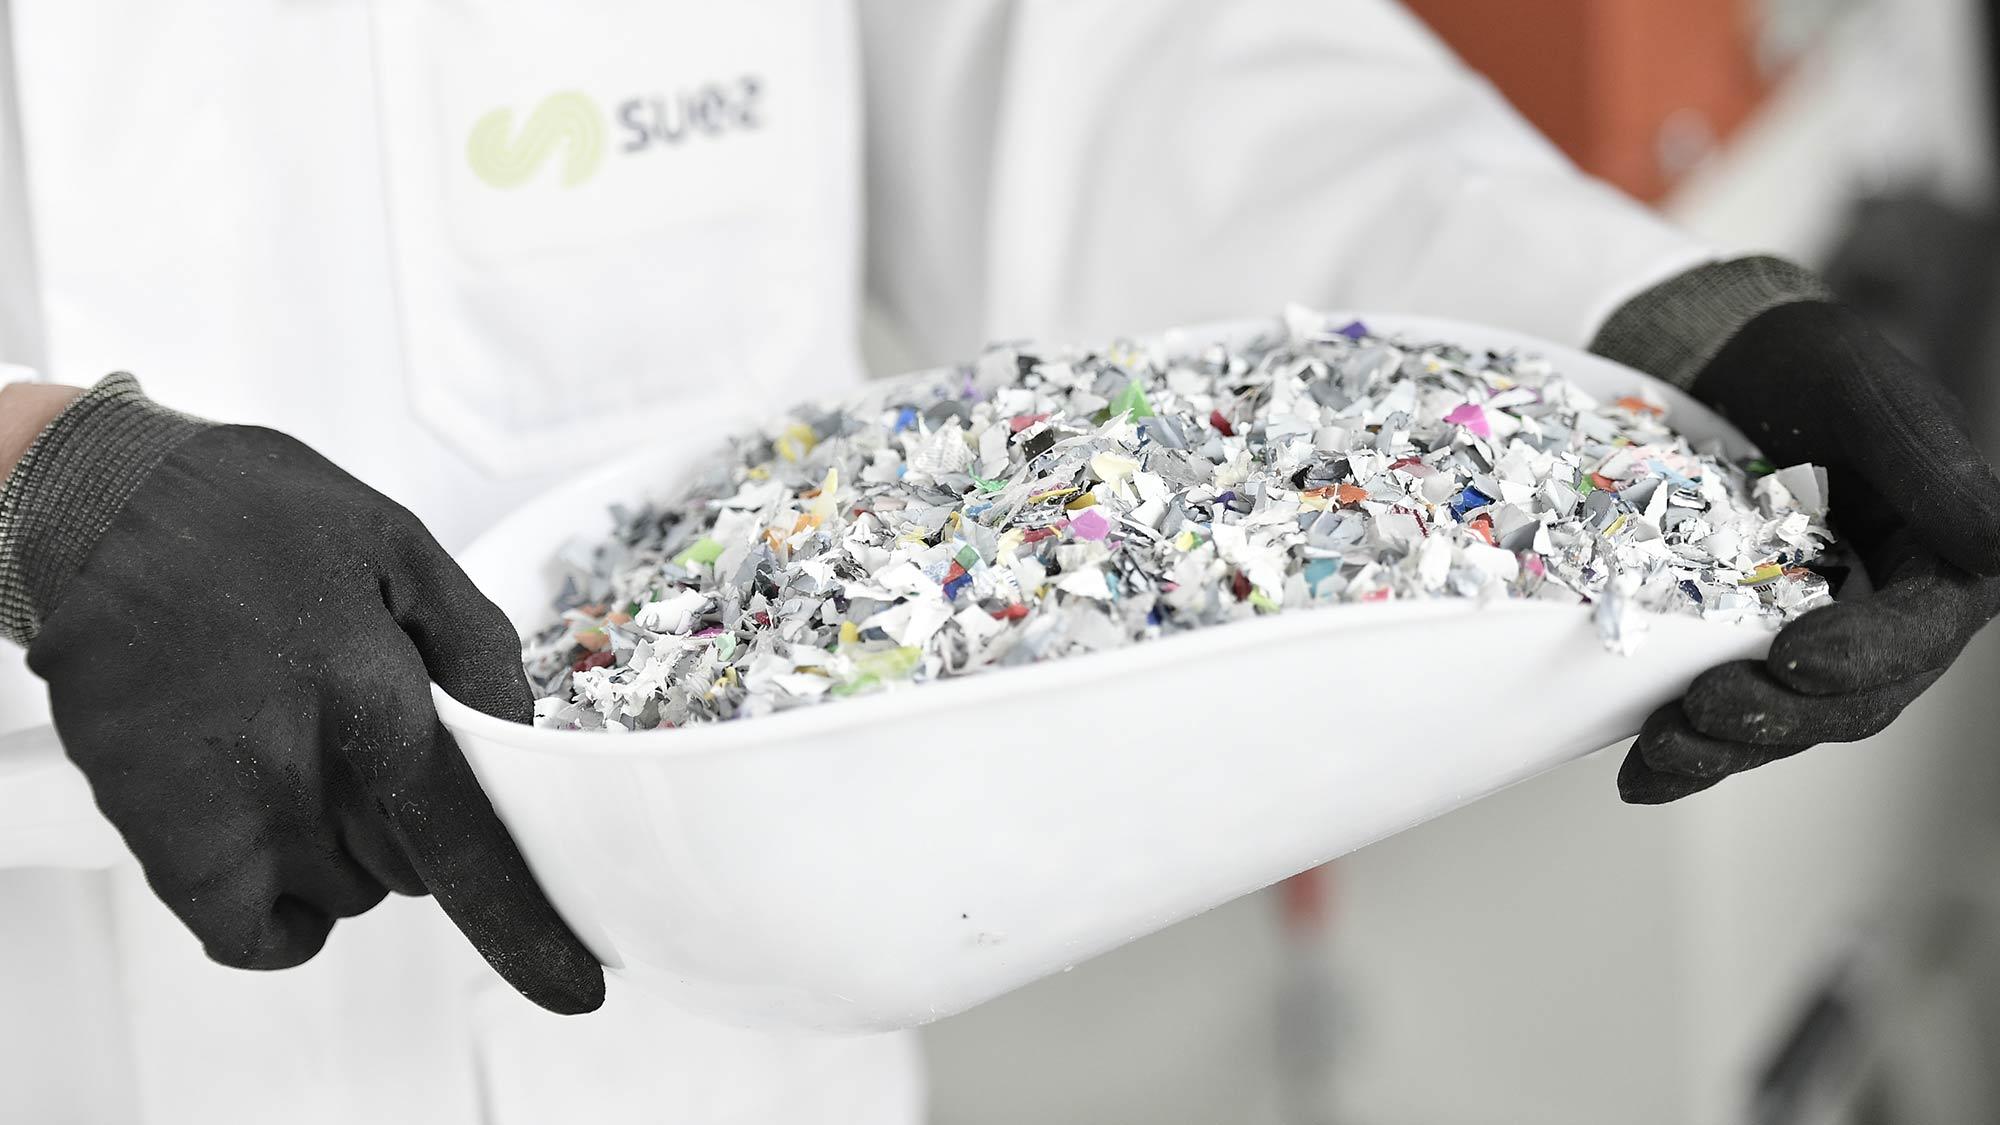 Recycled plastics - SUEZ